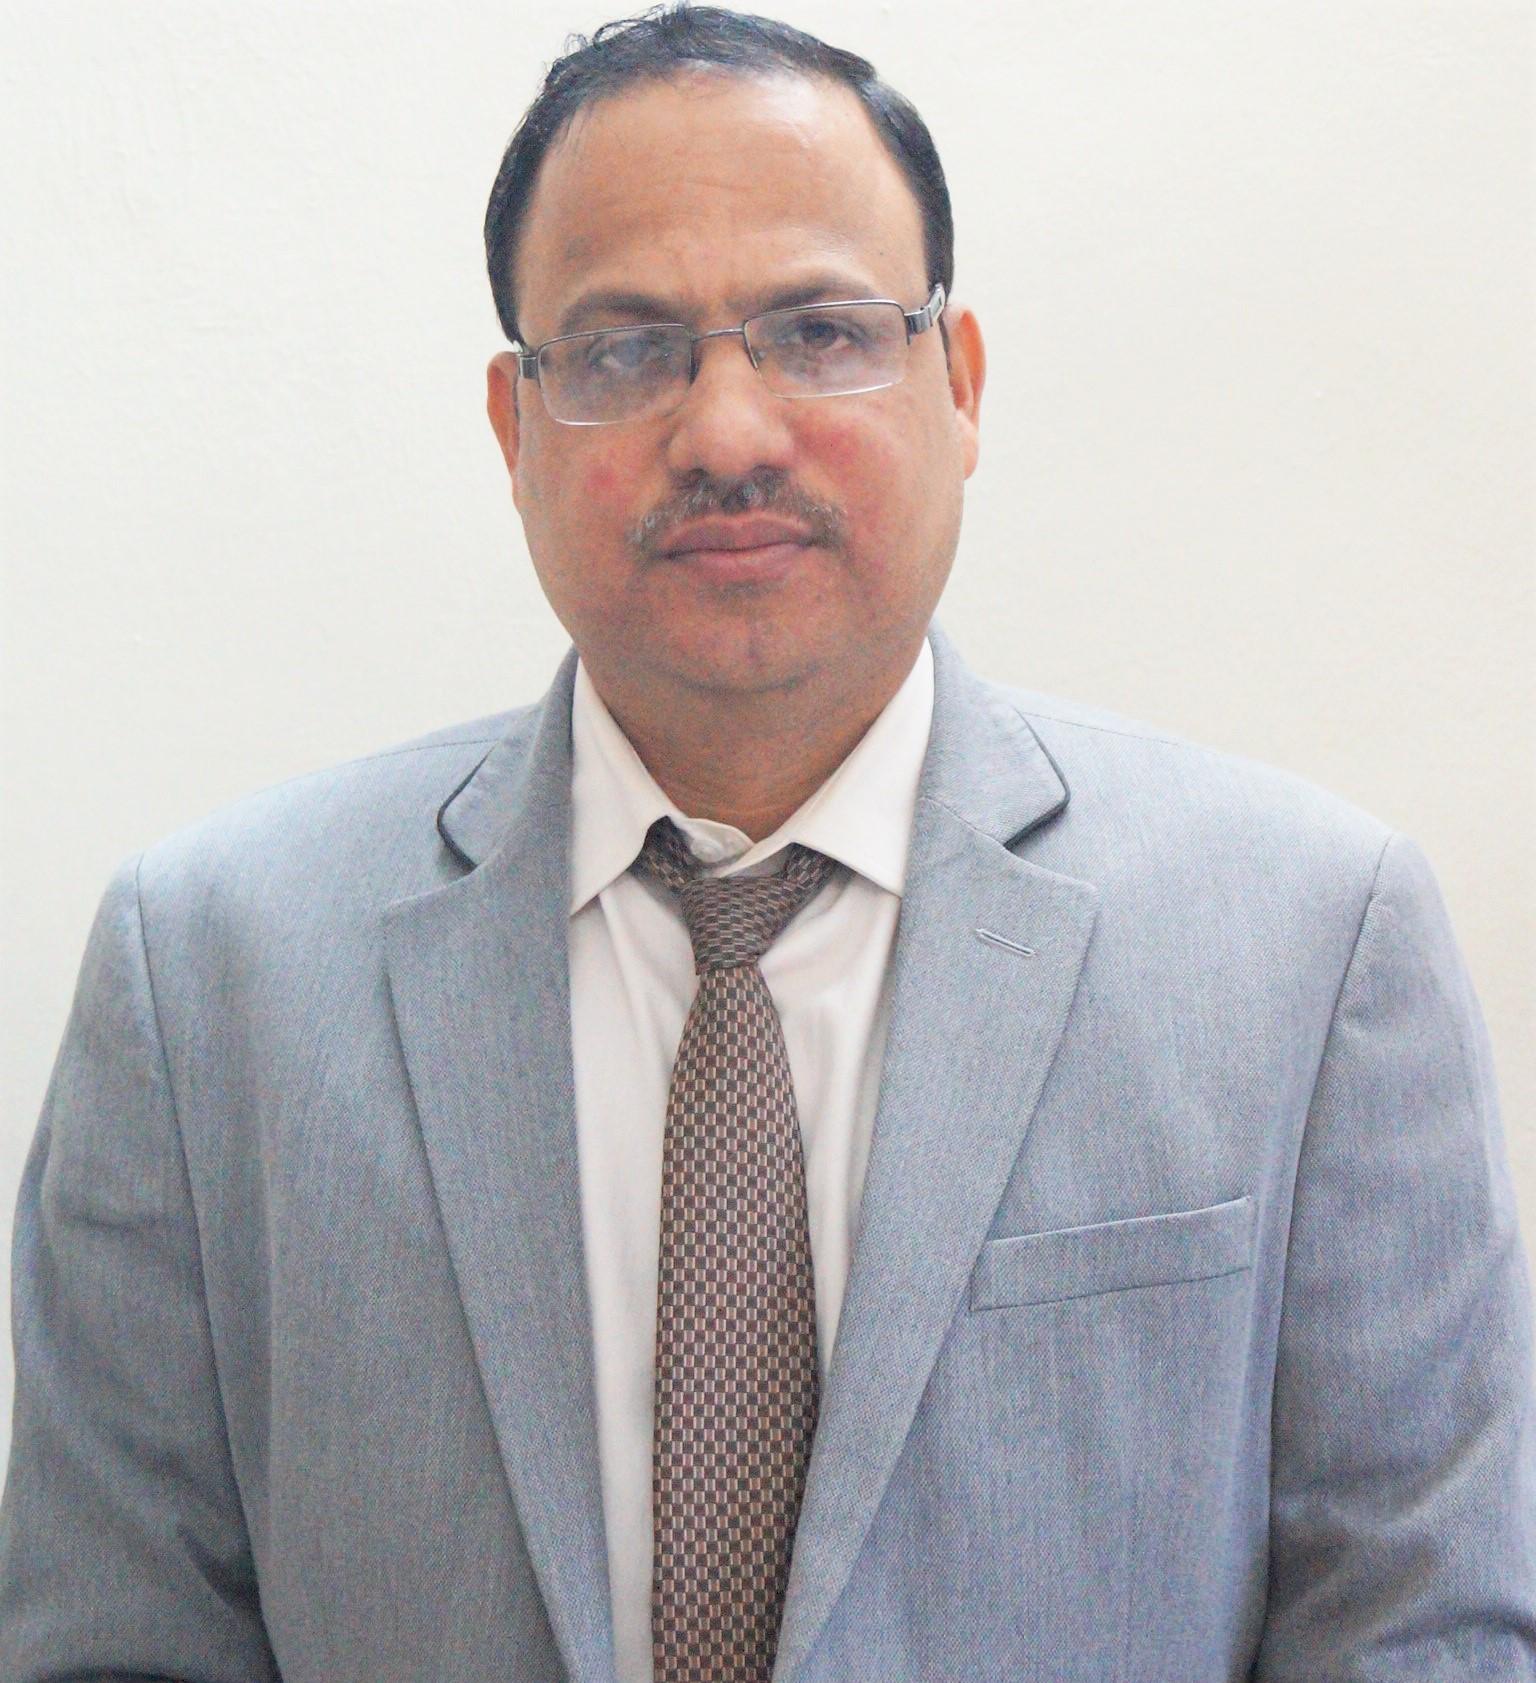 Mr. Ghanshyam Singh Gaur